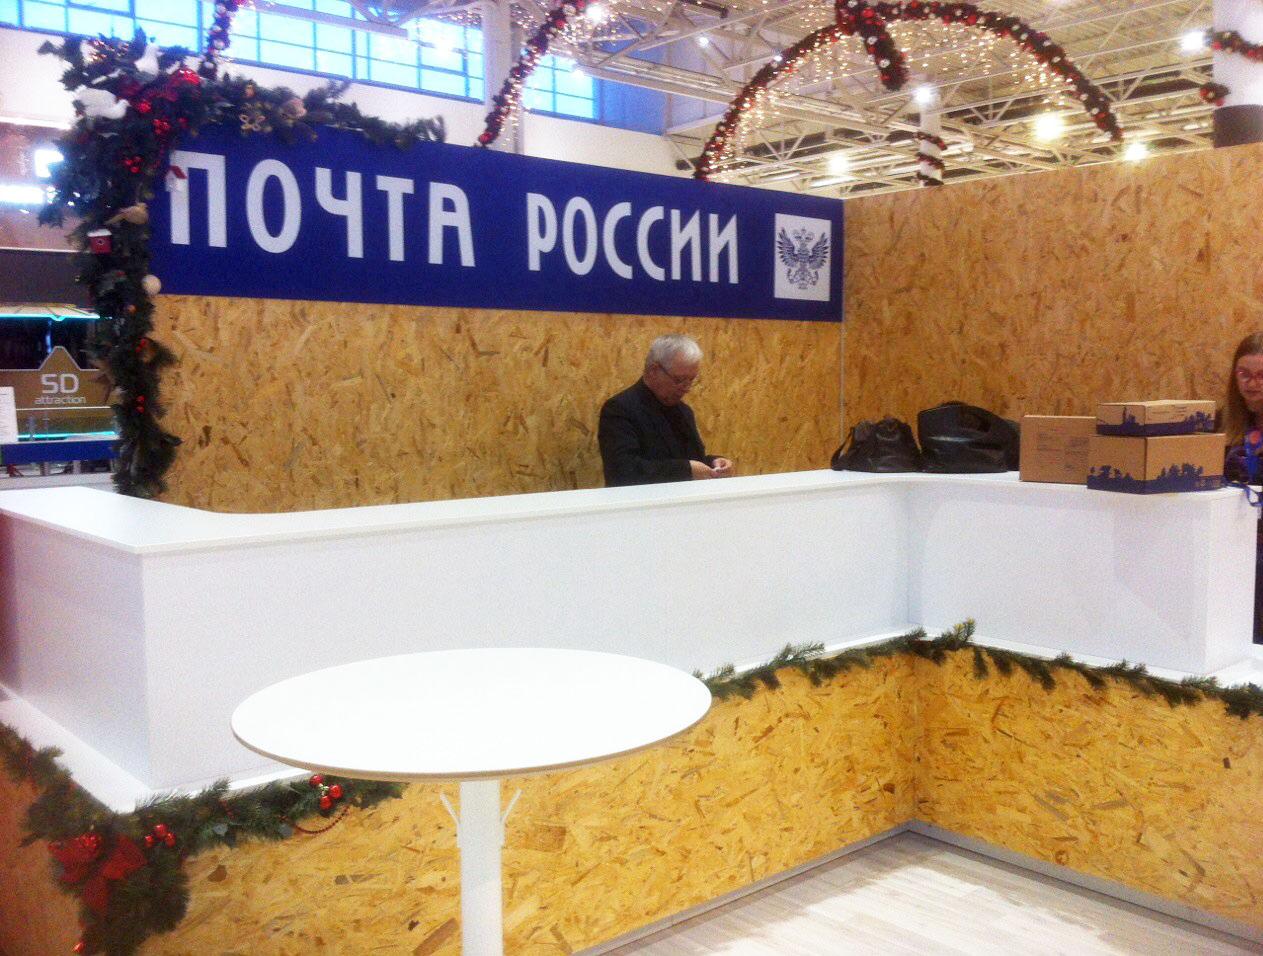 На омской почте поймали профессиональную карманницу #Новости #Общество #Омск